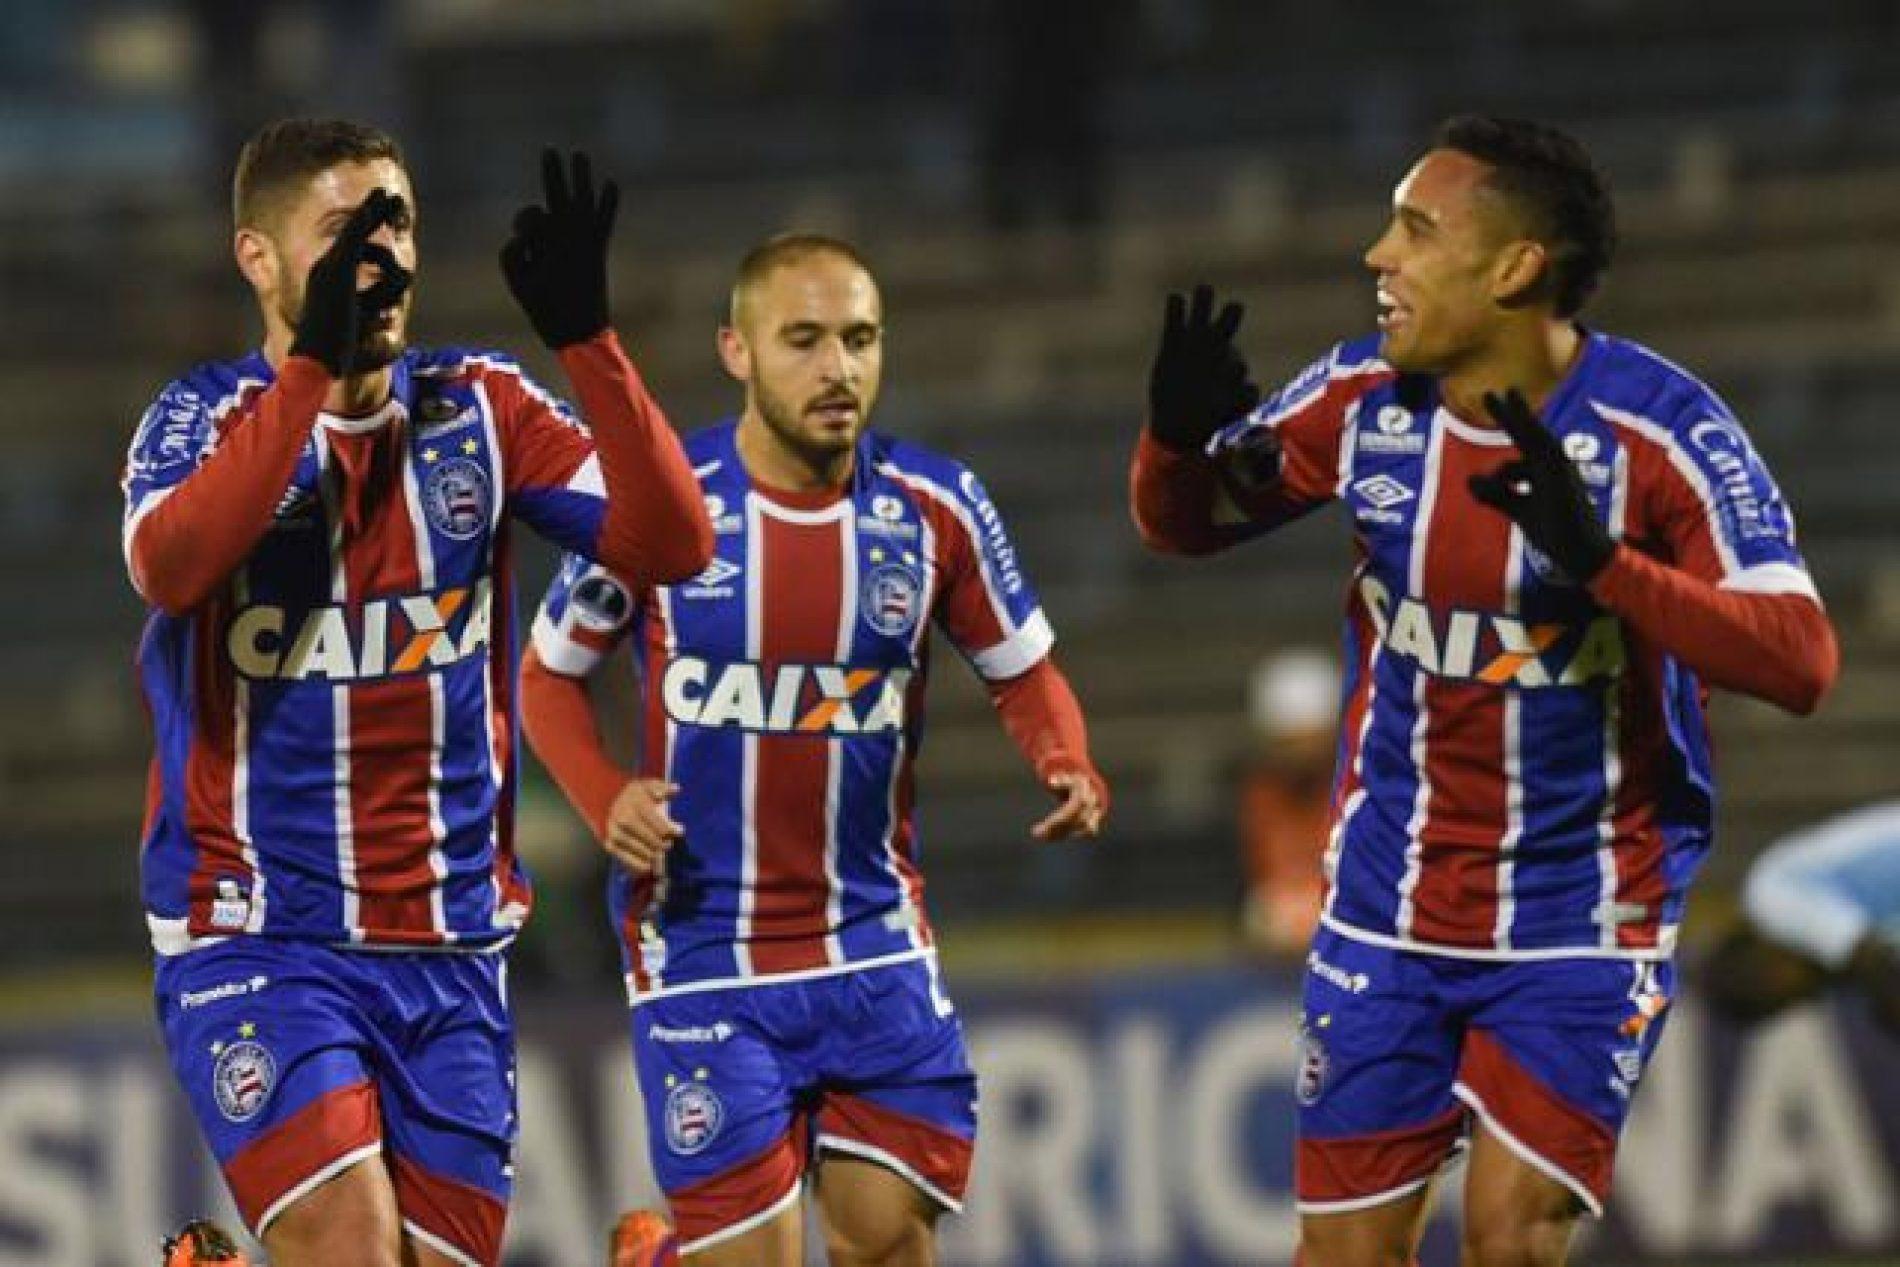 Bahia empata com Cerro no Uruguai e conquista classificação inédita na Copa Sul-Americana